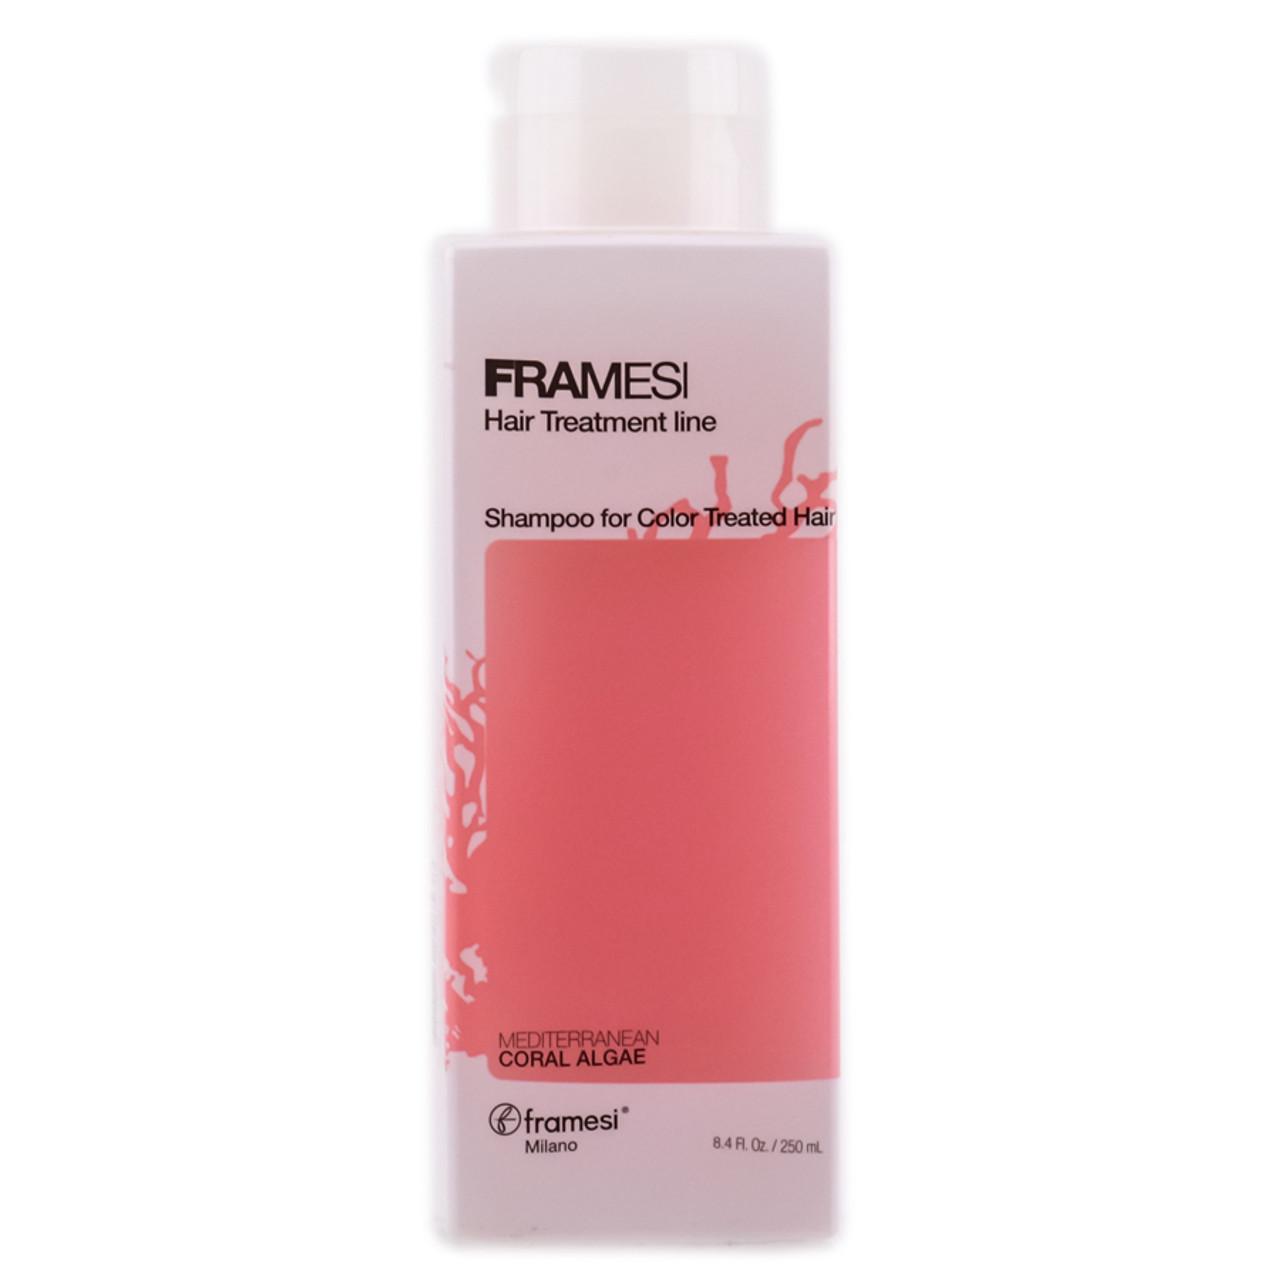 Framesi Shampoo For Color Treated Hair